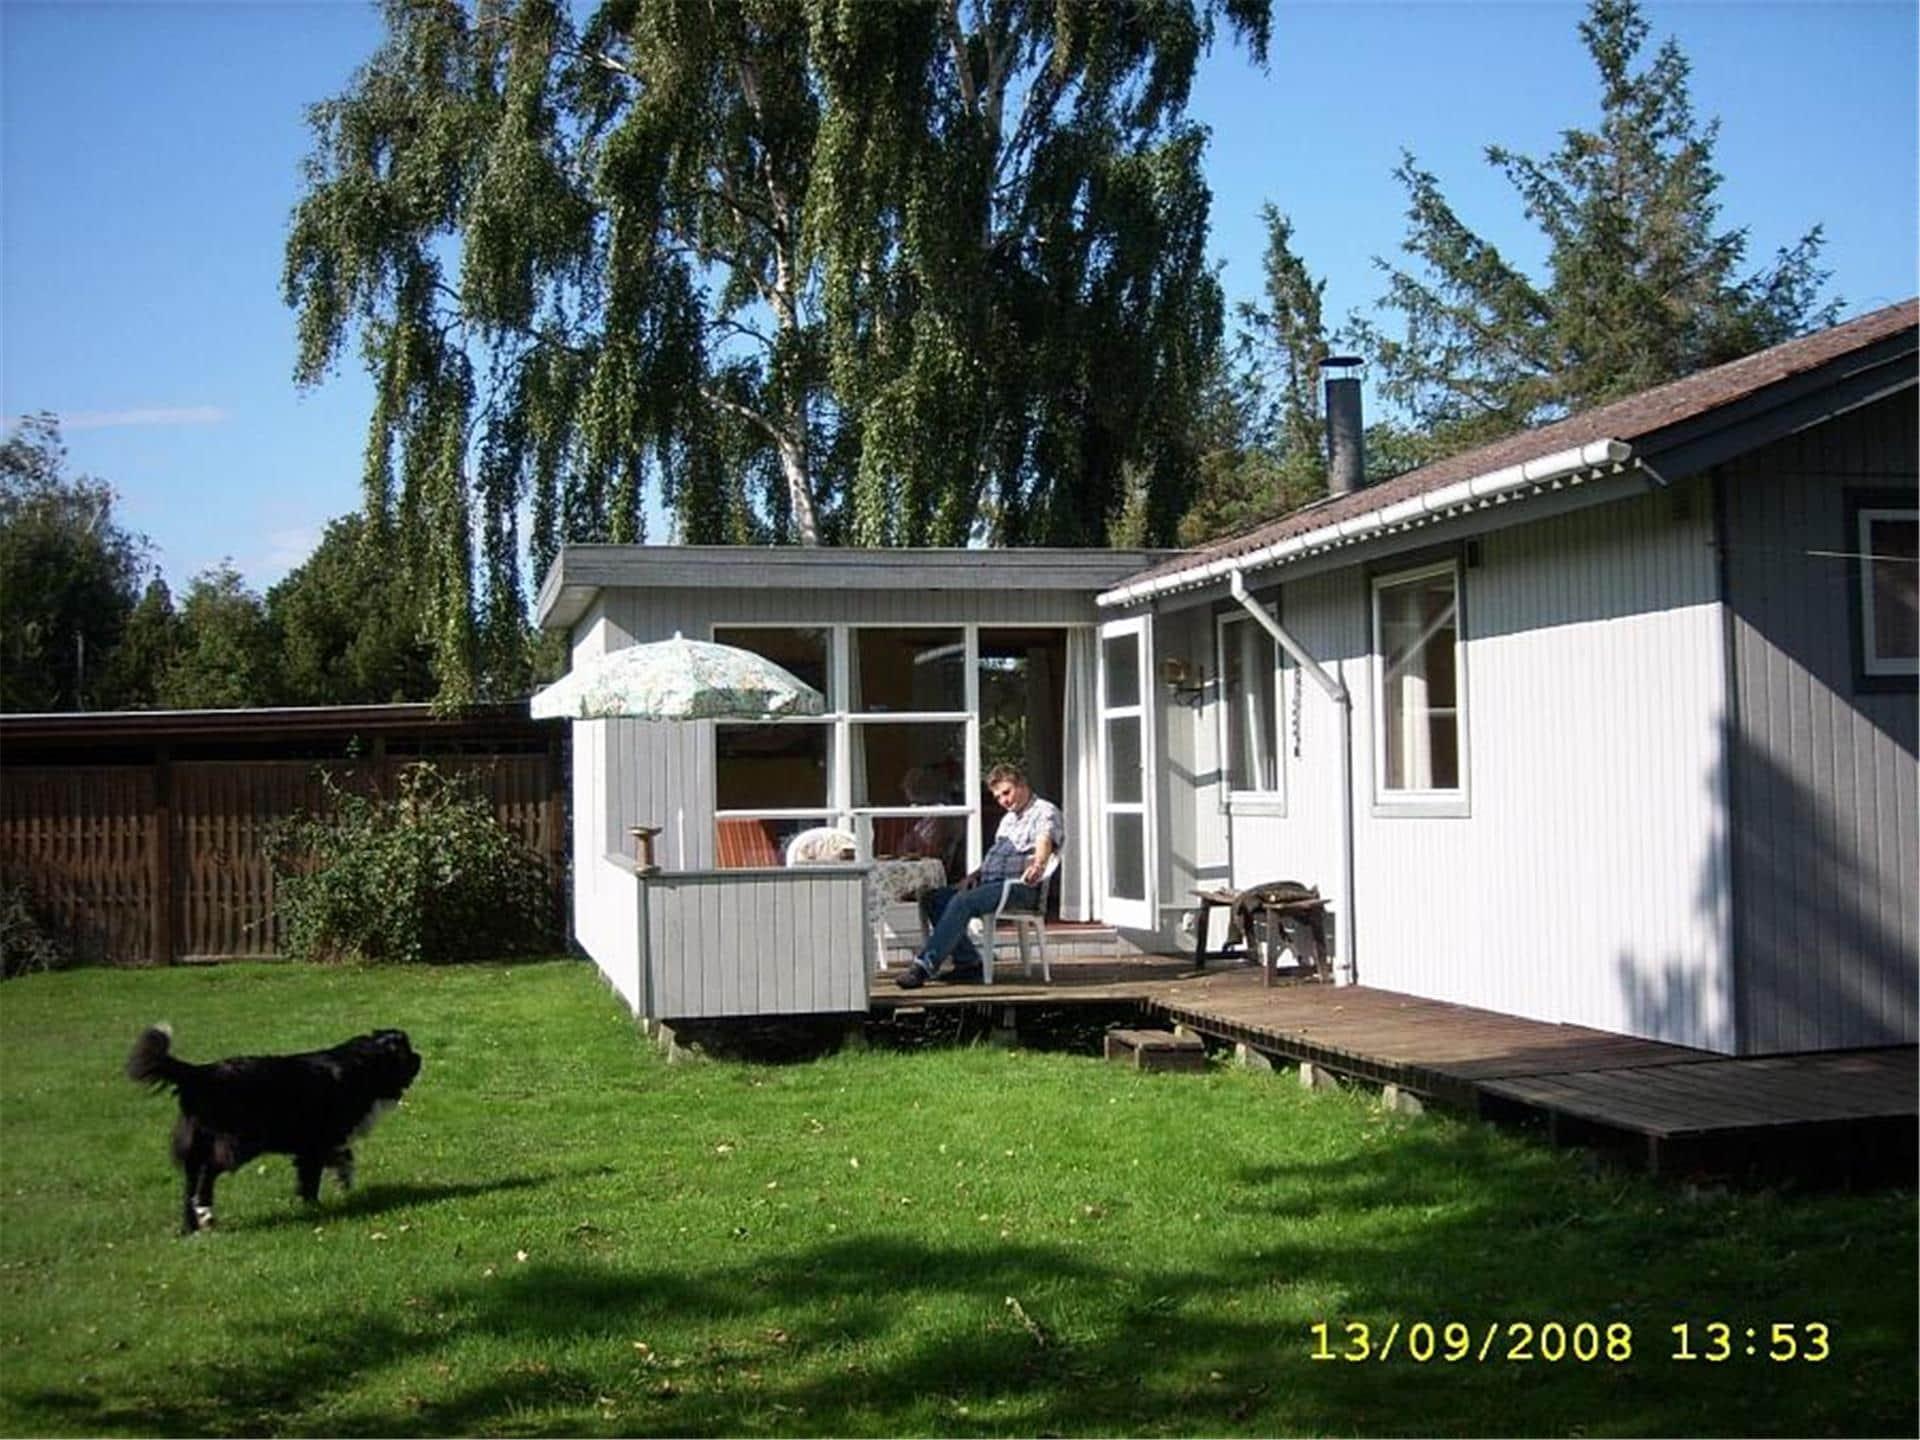 Afbeelding 1-15 Vakantiehuis 1115, Vibevej 19, DK - 4780 Stege